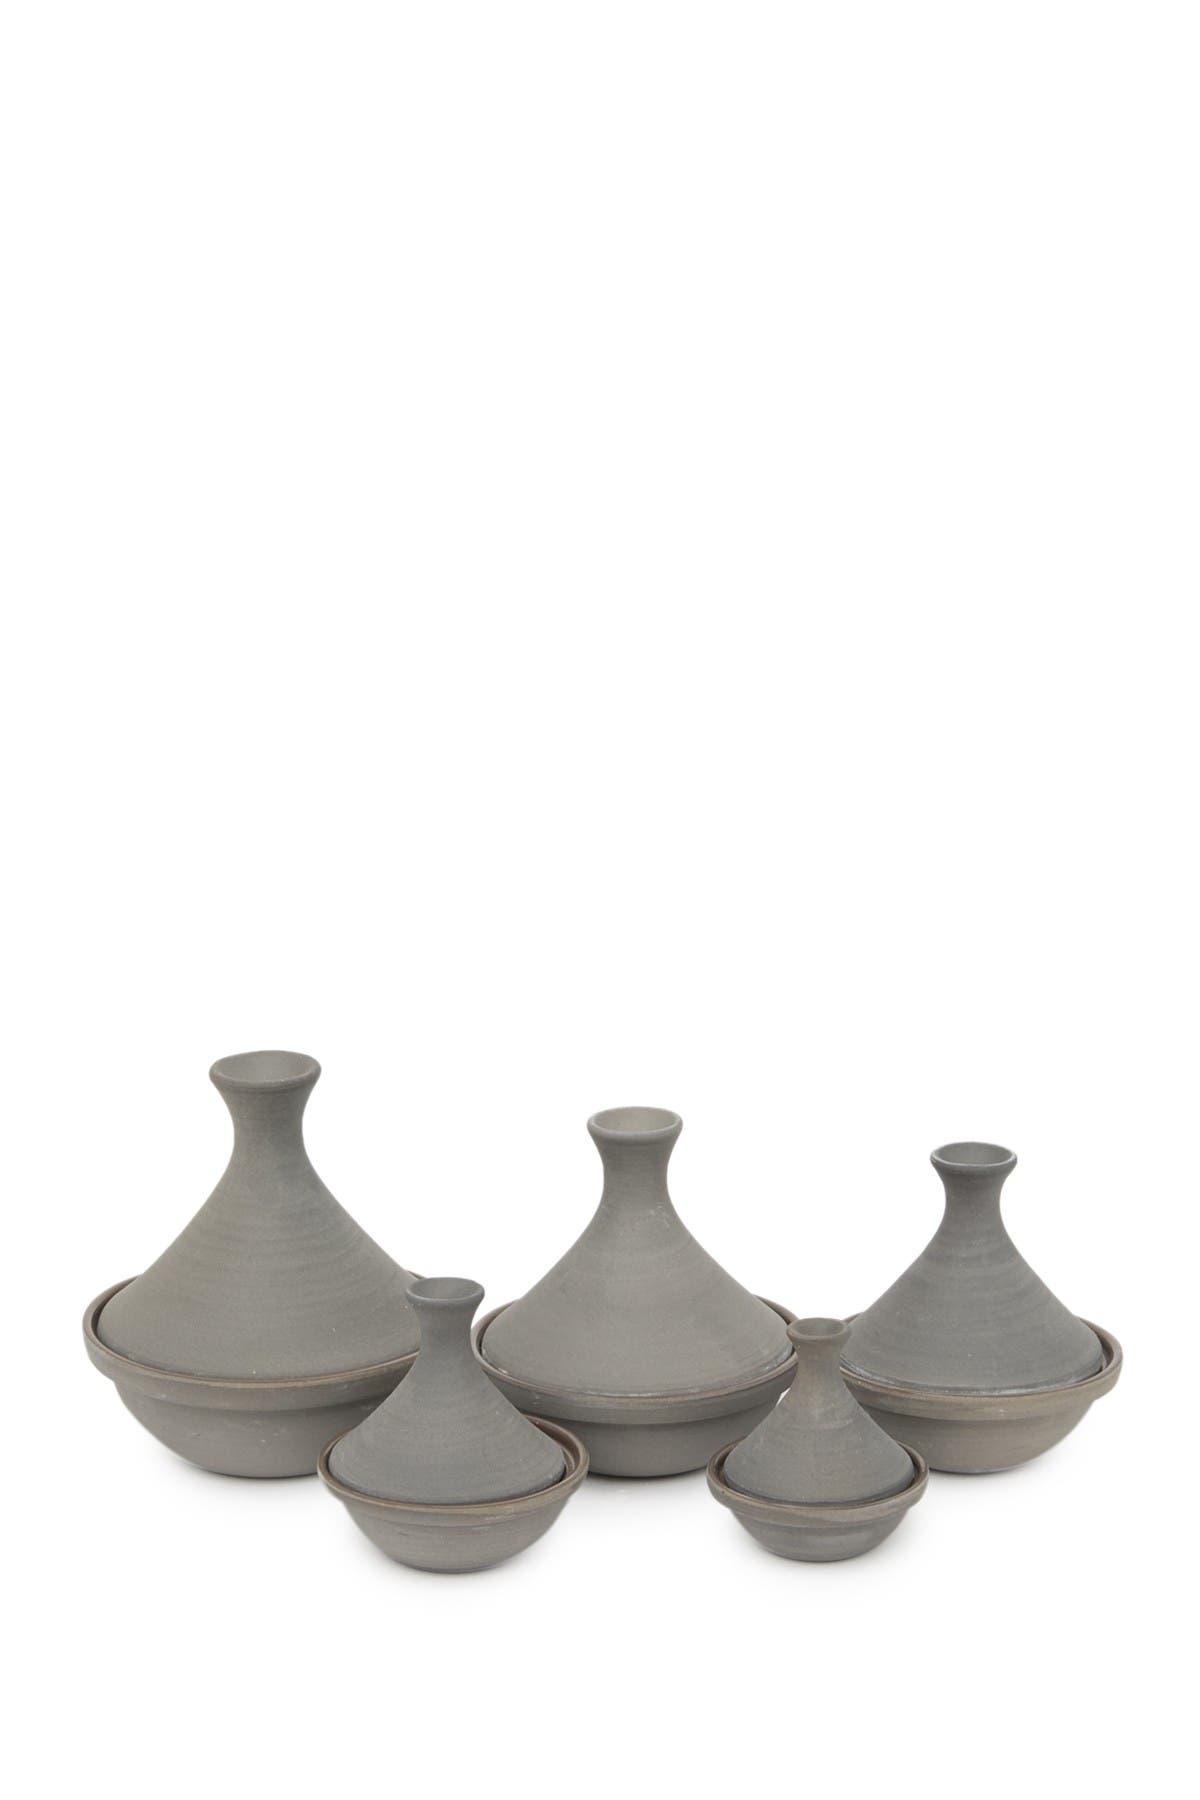 Image of ROOST Safi Stoneware Tagine - Mushroom - Set of 5